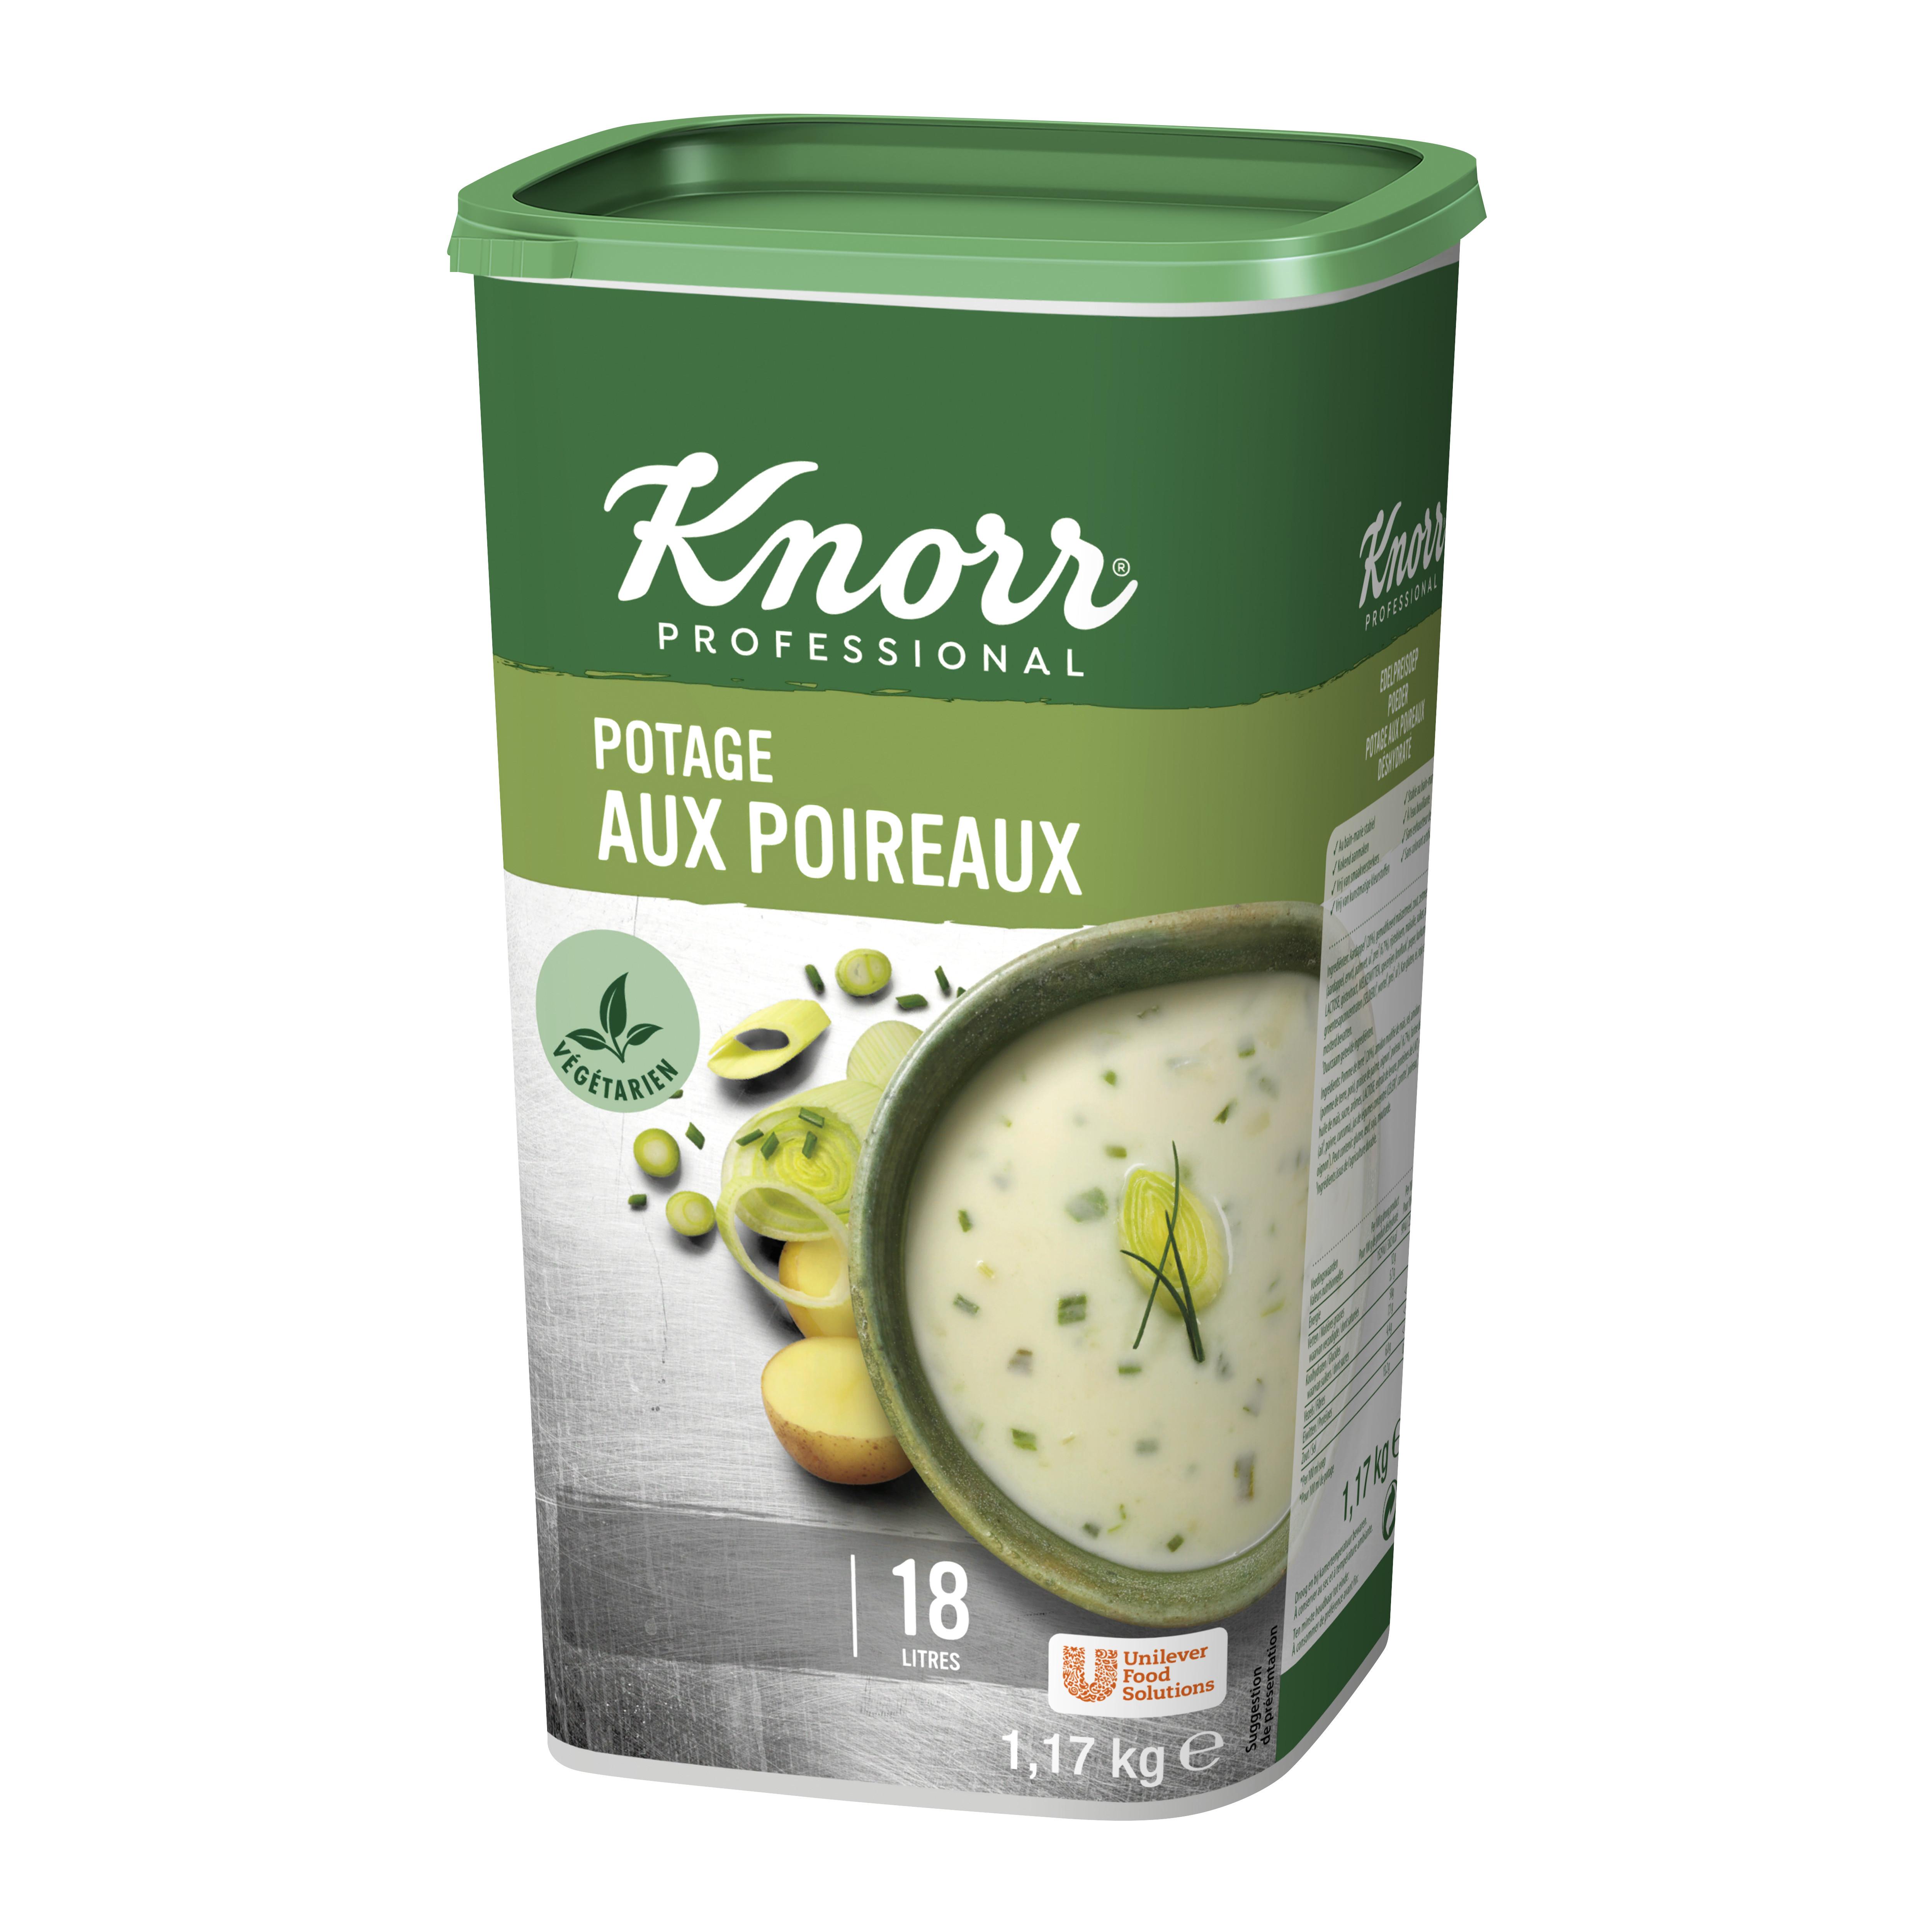 Knorr potage aux poireaux 1.17kg Professional